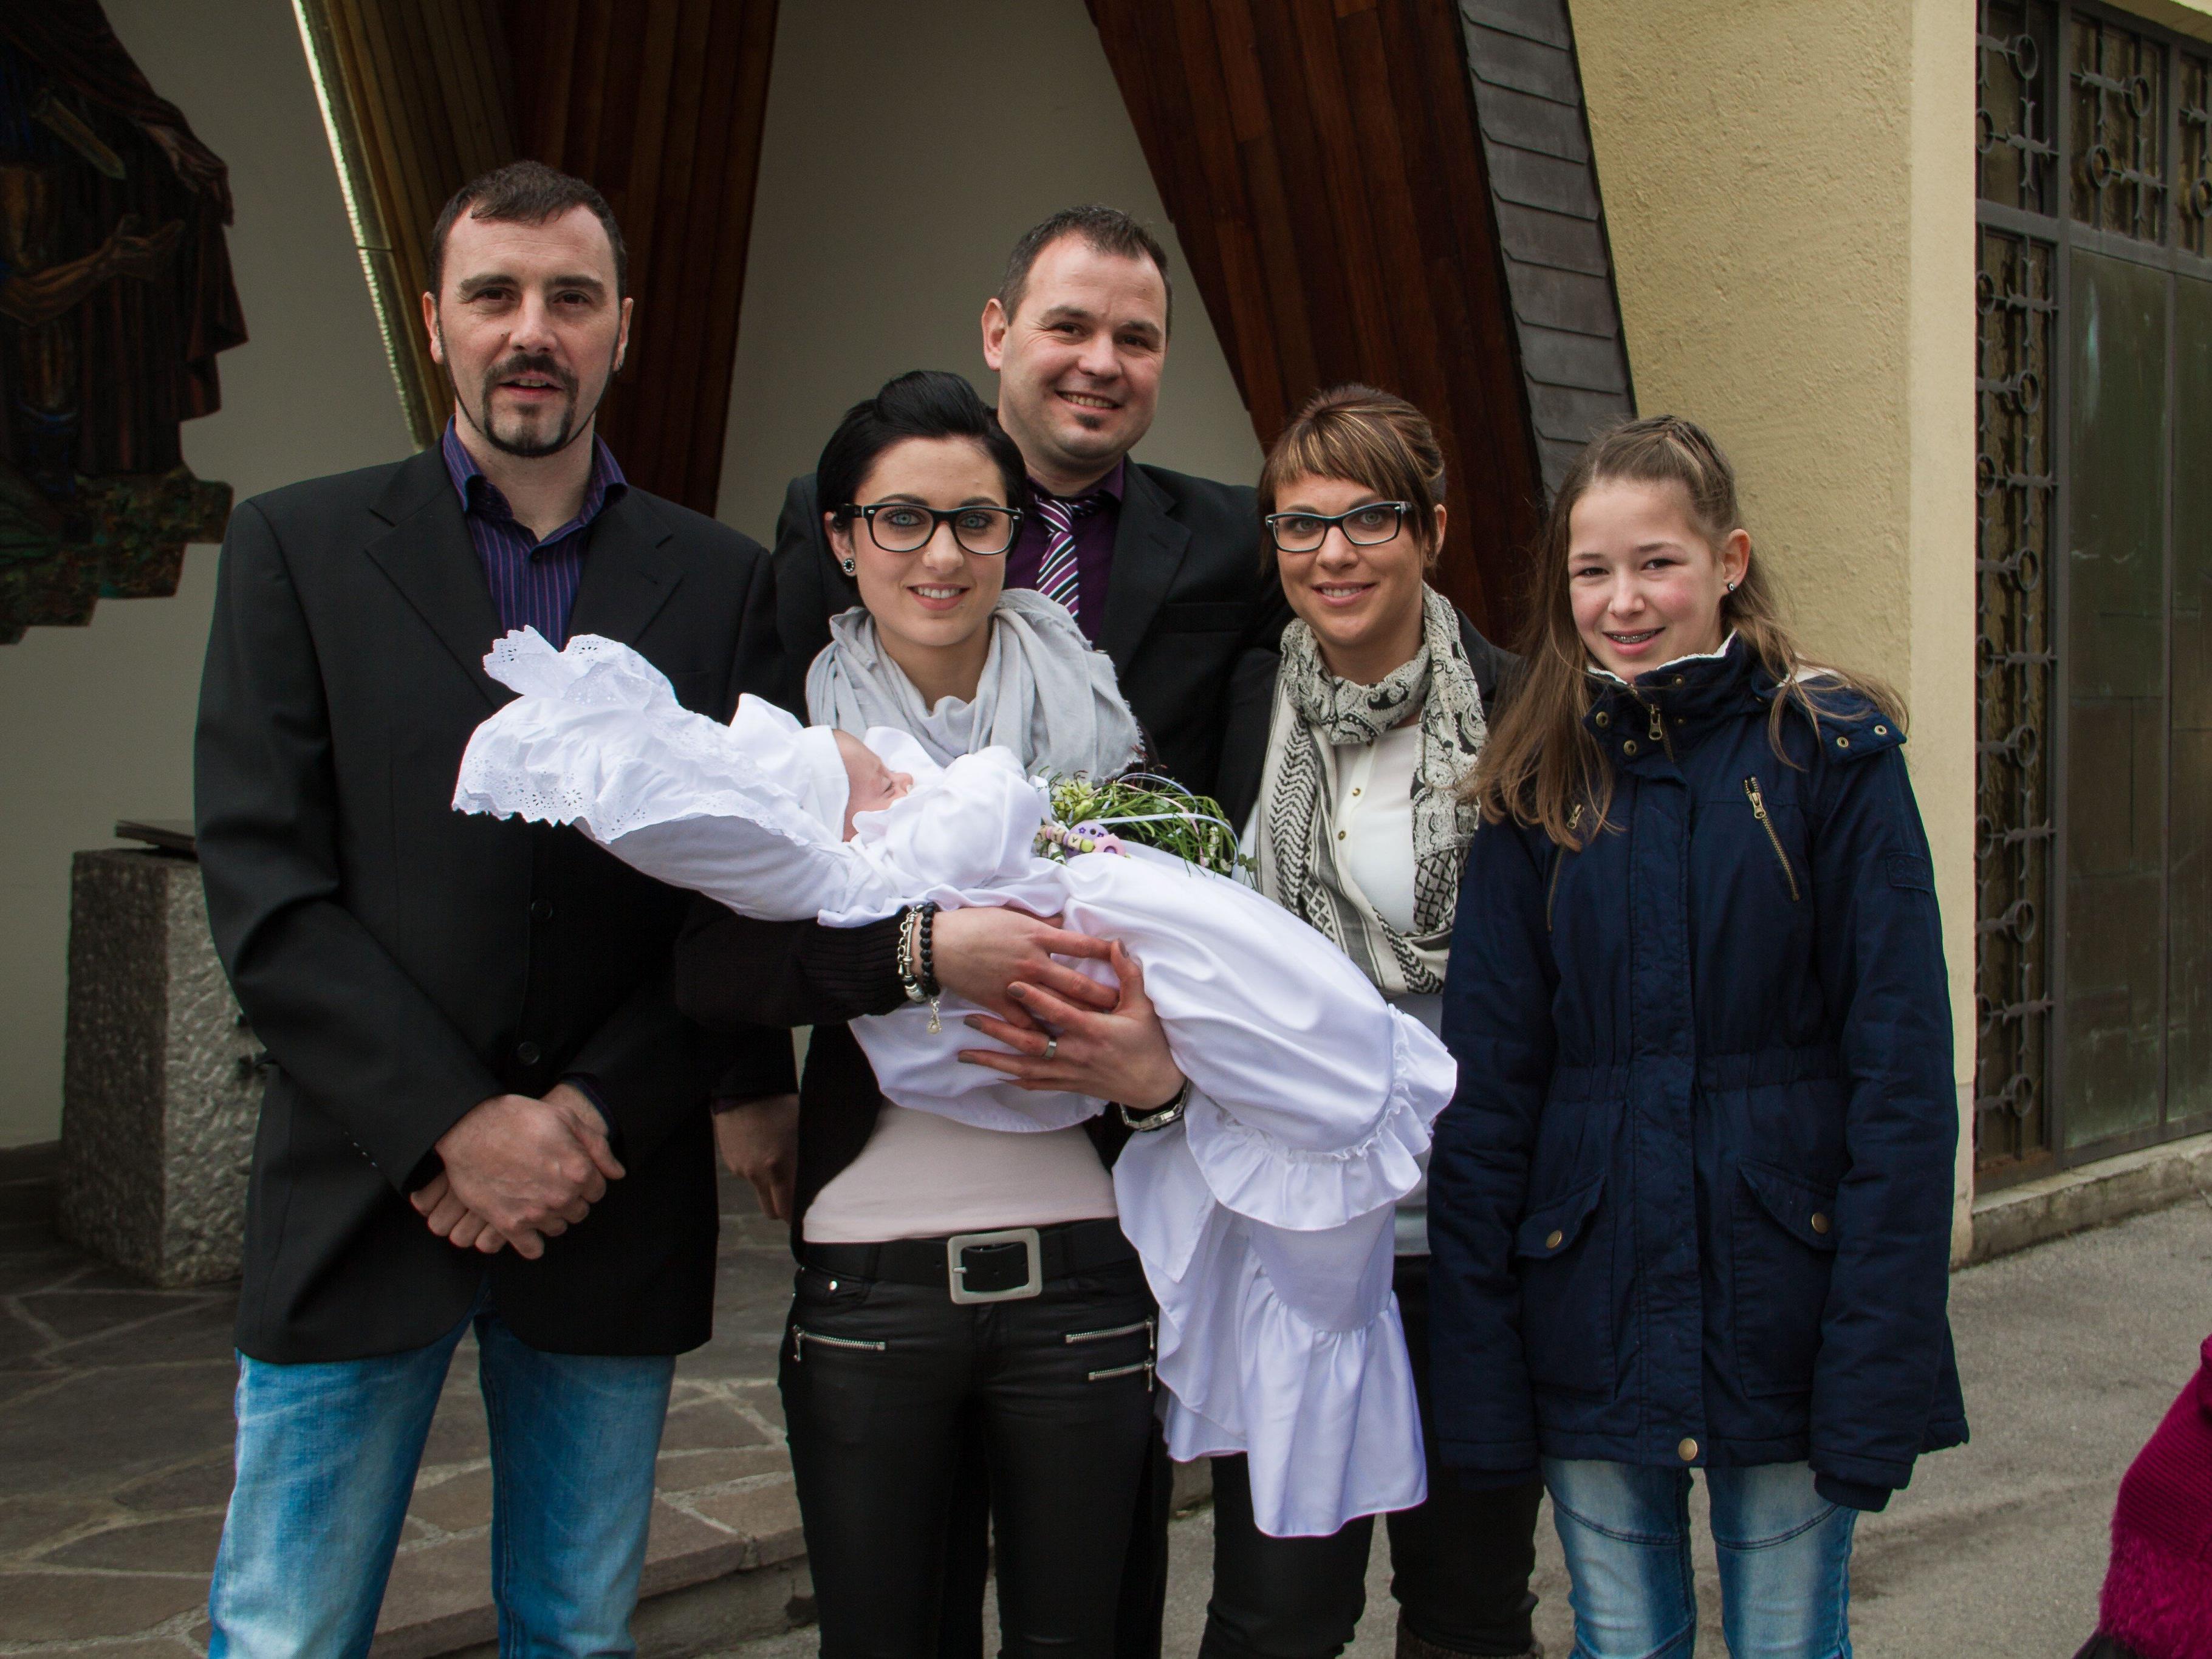 Aileen Wucher wurde in der Pfarrkirche getauft